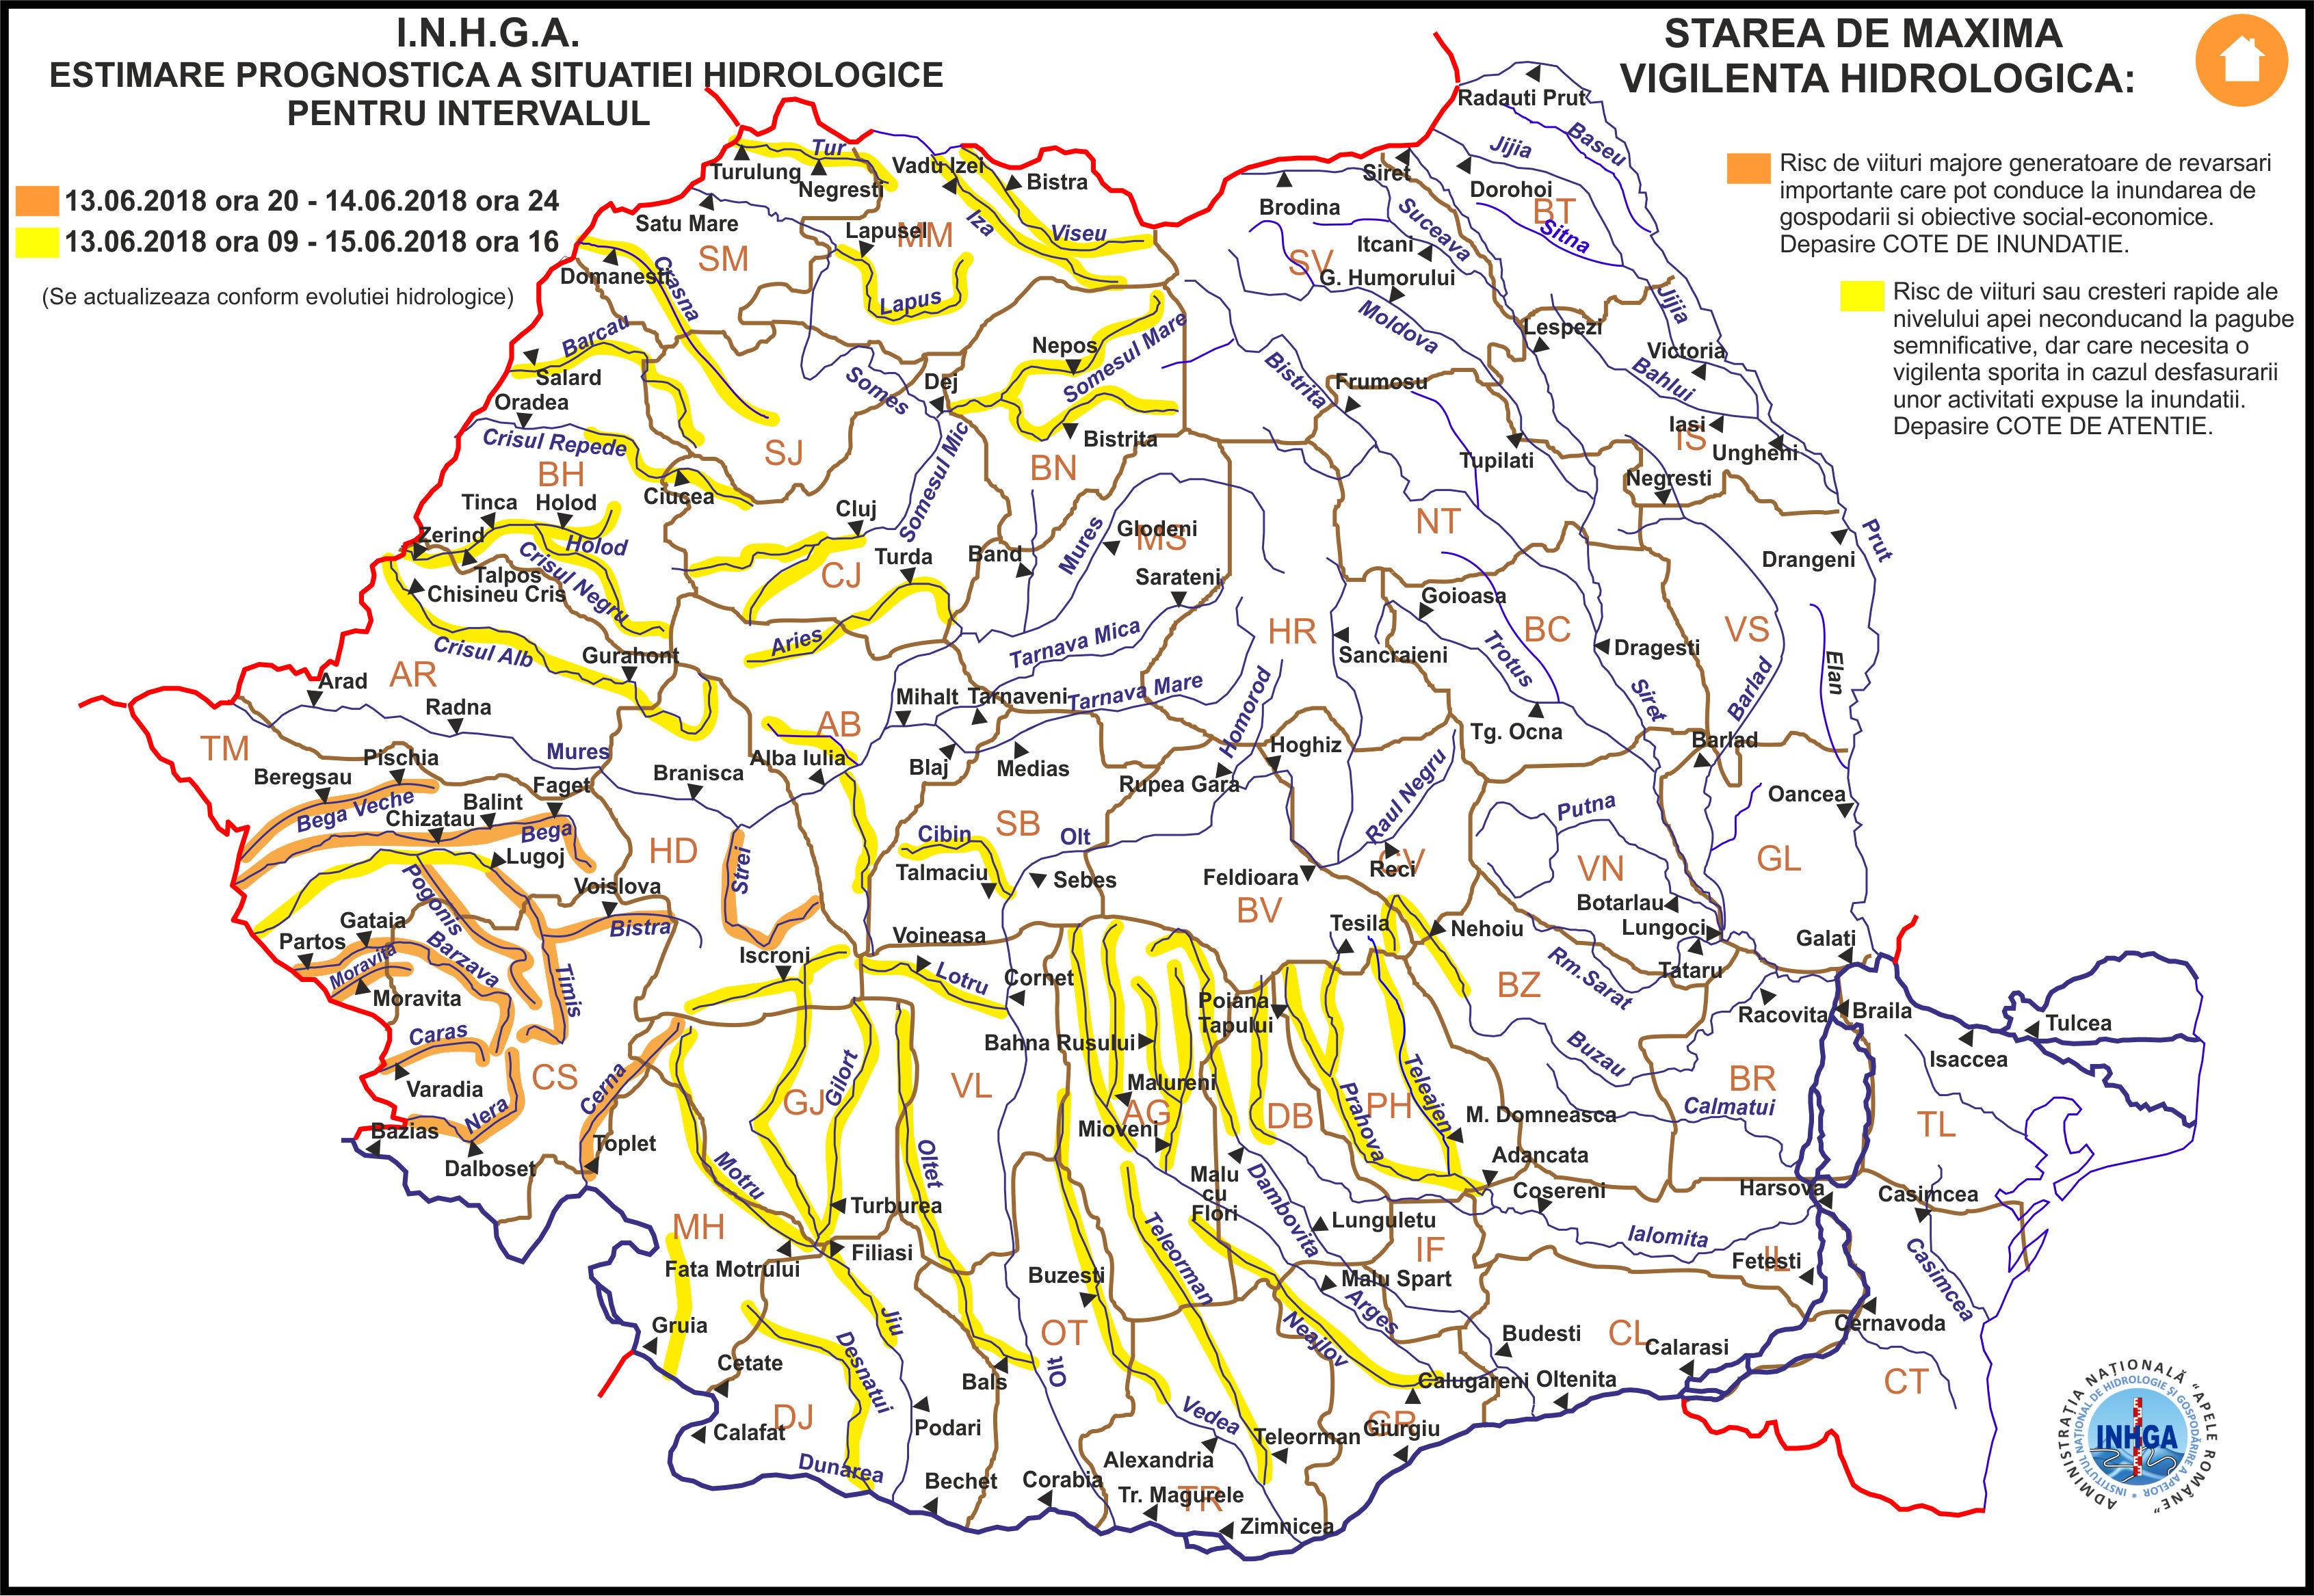 Harta Avertizare Hidrologica nr. 30 din 12.06.2018